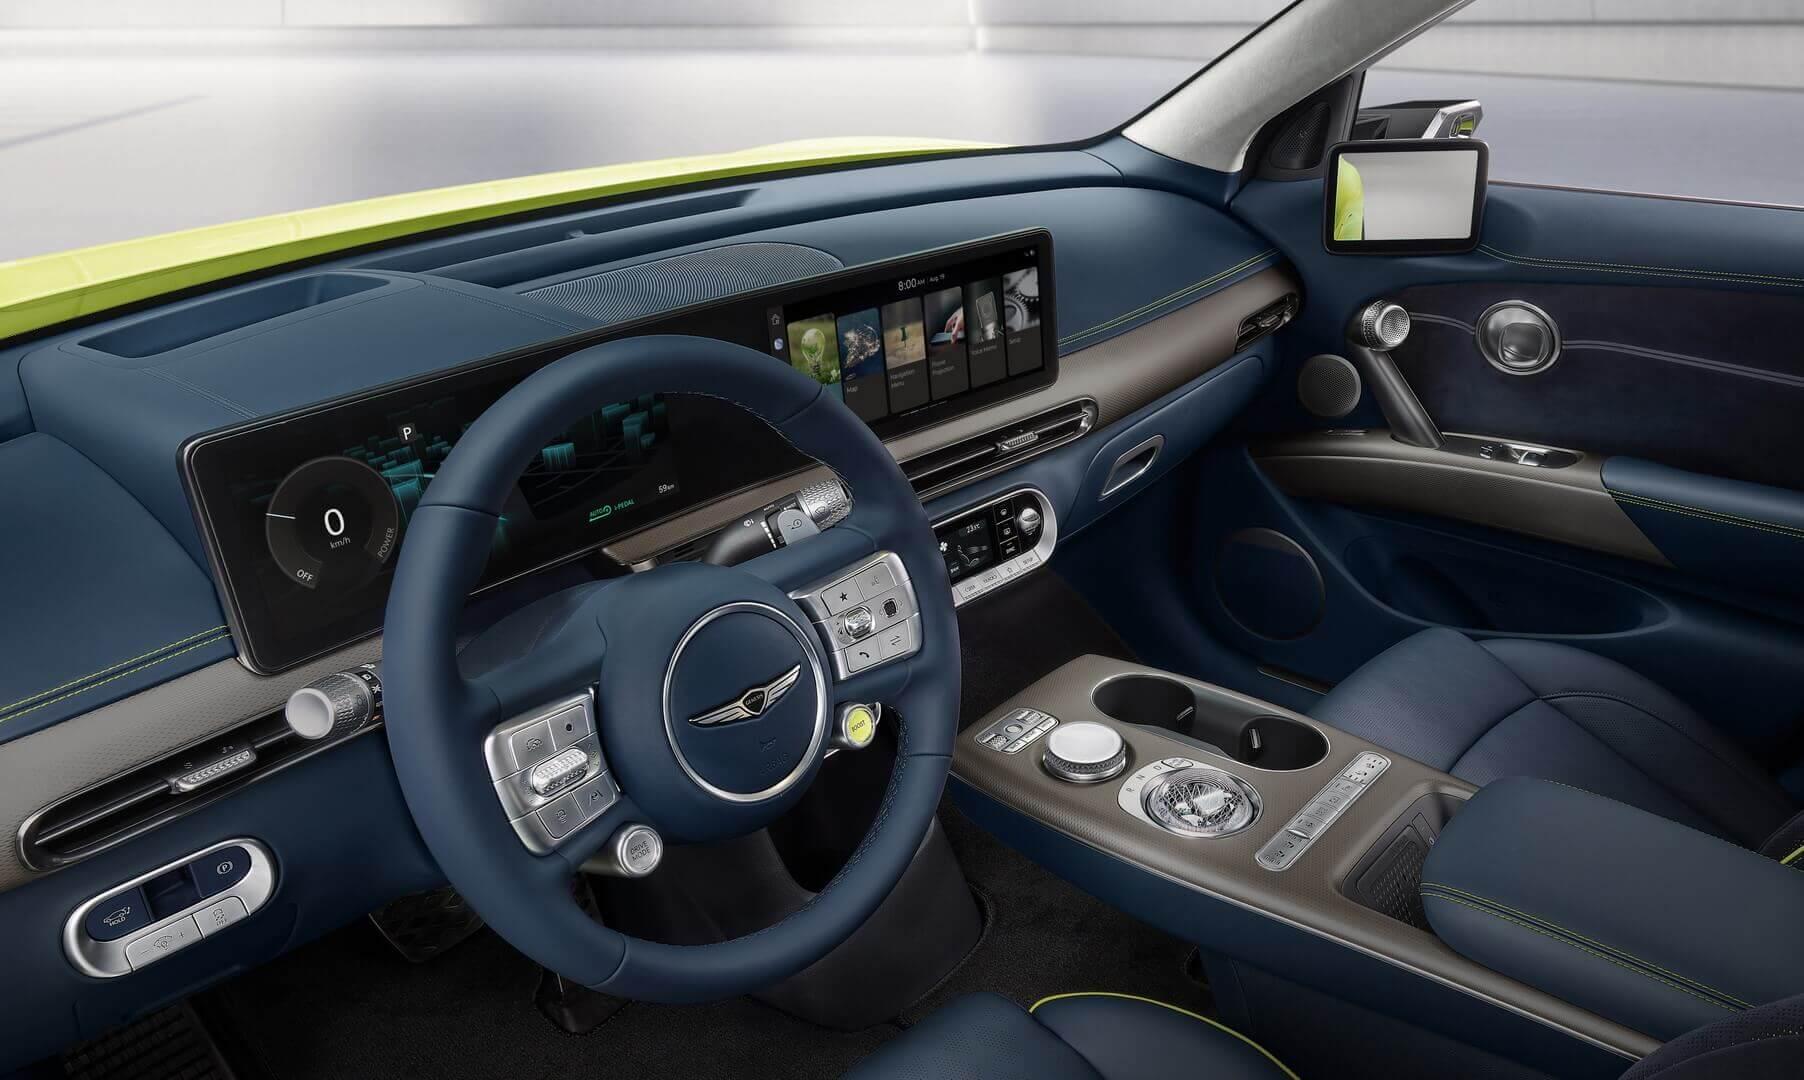 GV60— первая модель Genesis, вкоторой применяется информационно-развлекательная система нового поколения ccIC